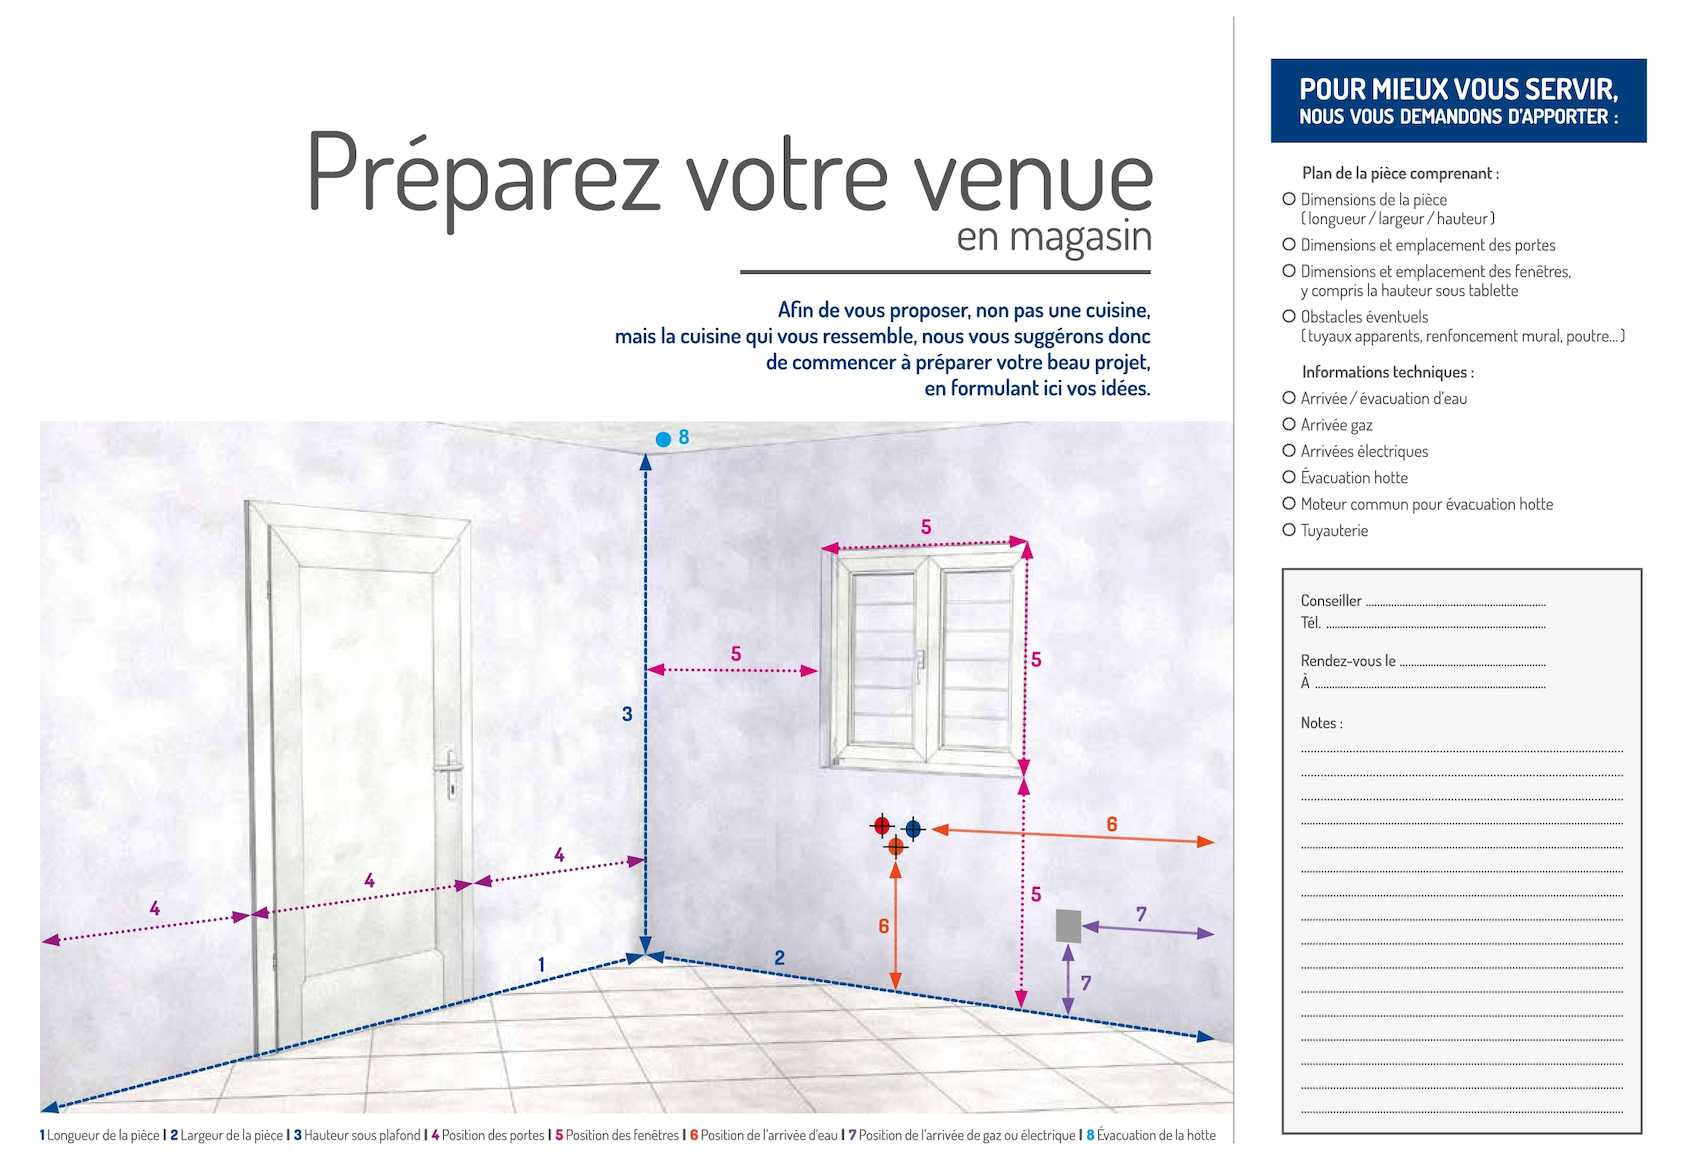 hauteur hotte plan de travail gallery of klarstein balzac. Black Bedroom Furniture Sets. Home Design Ideas